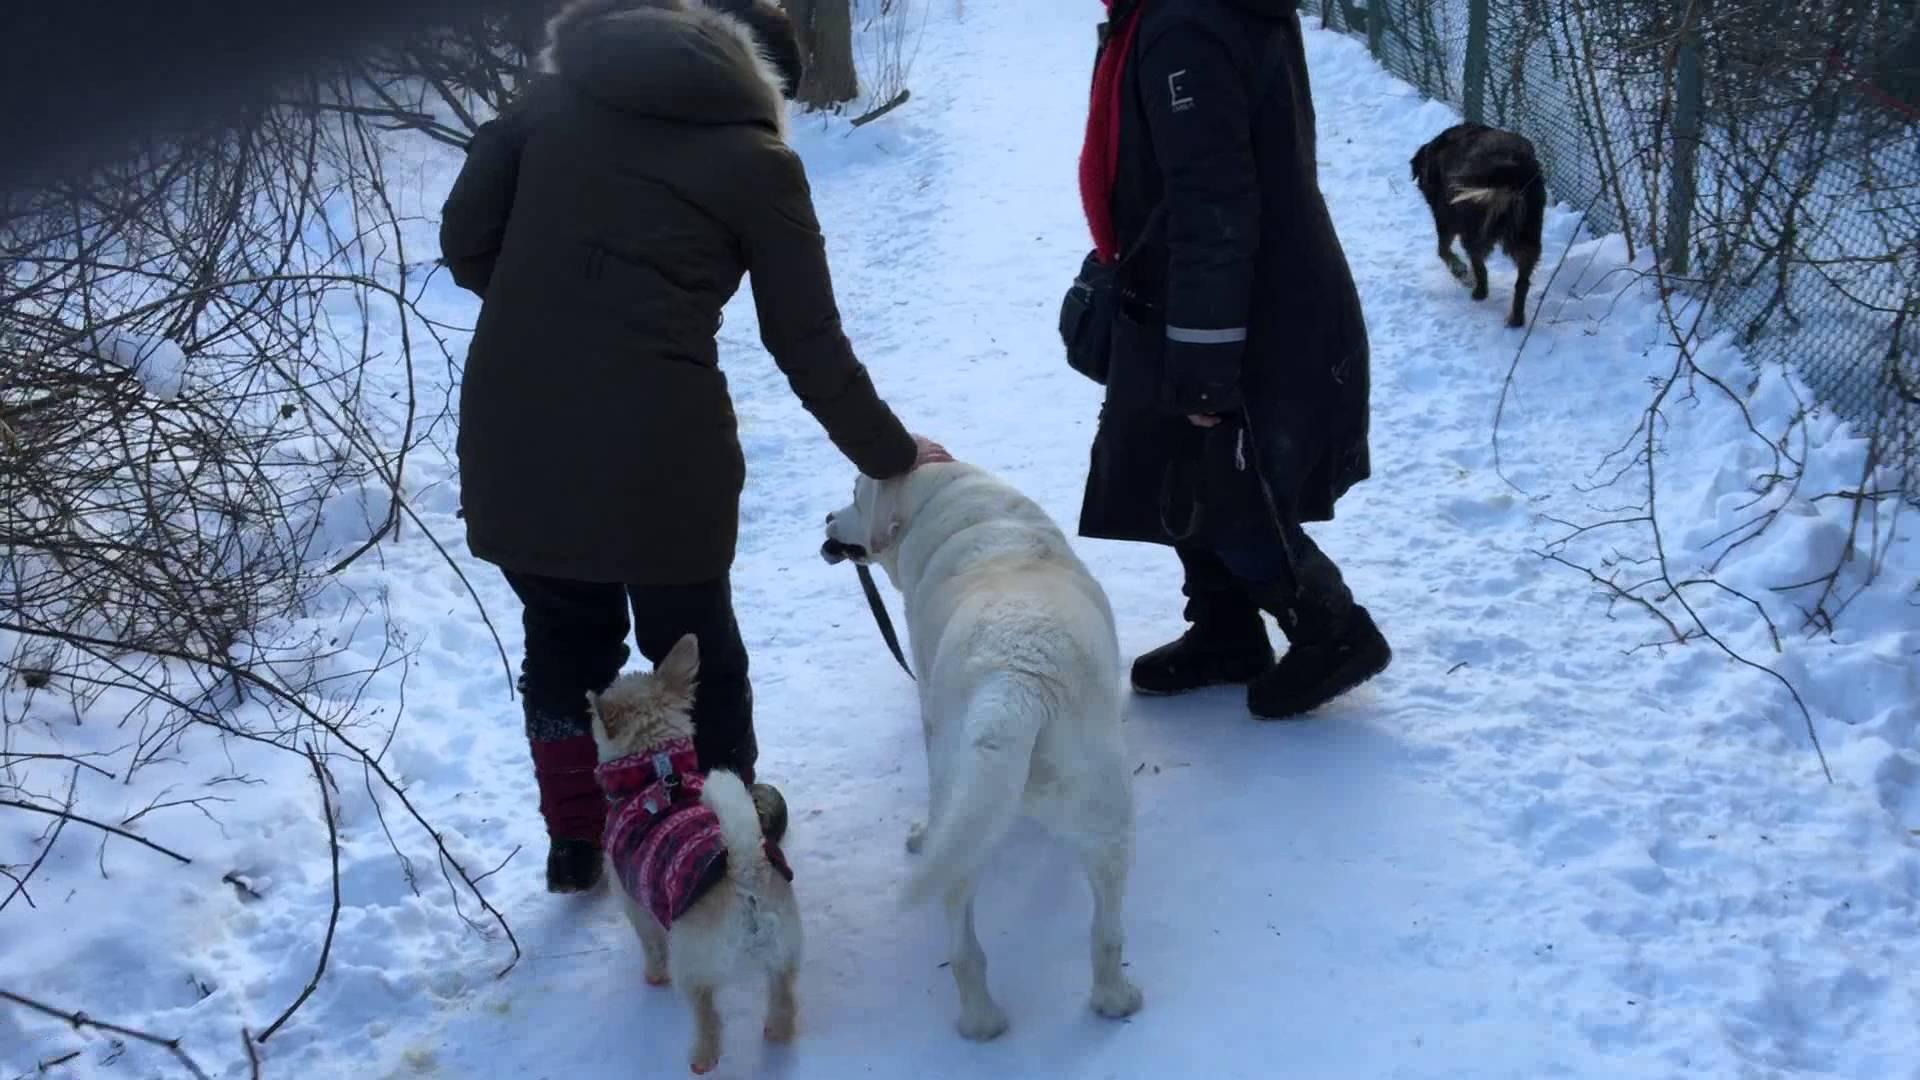 older dog sweetly walks a little dachshund on a leash down a snowy trail